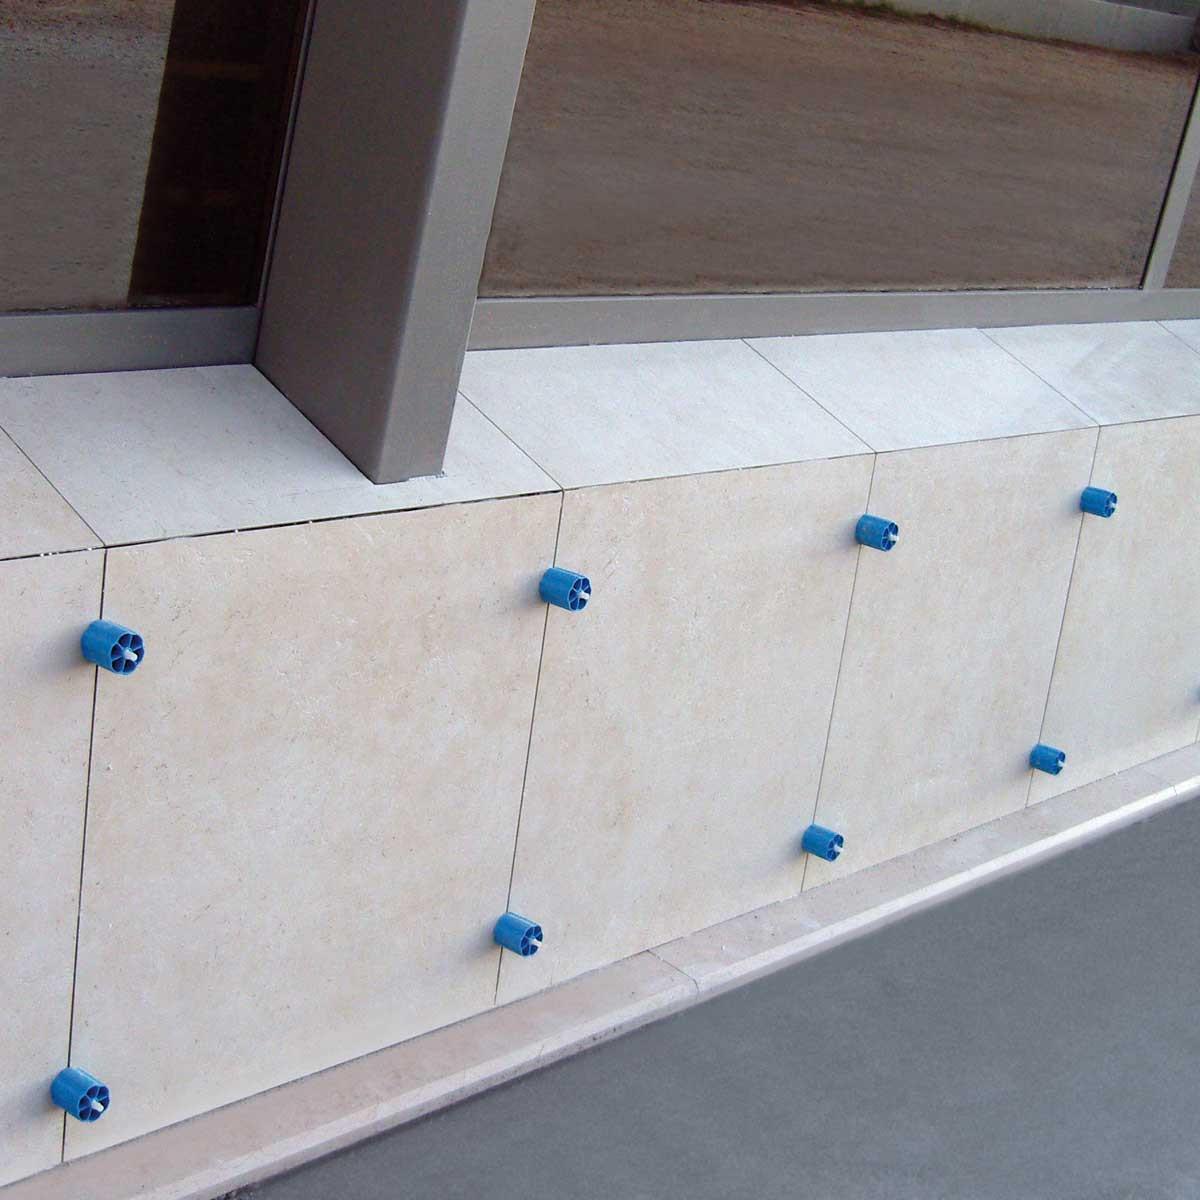 prsl proleveling installation large format tile